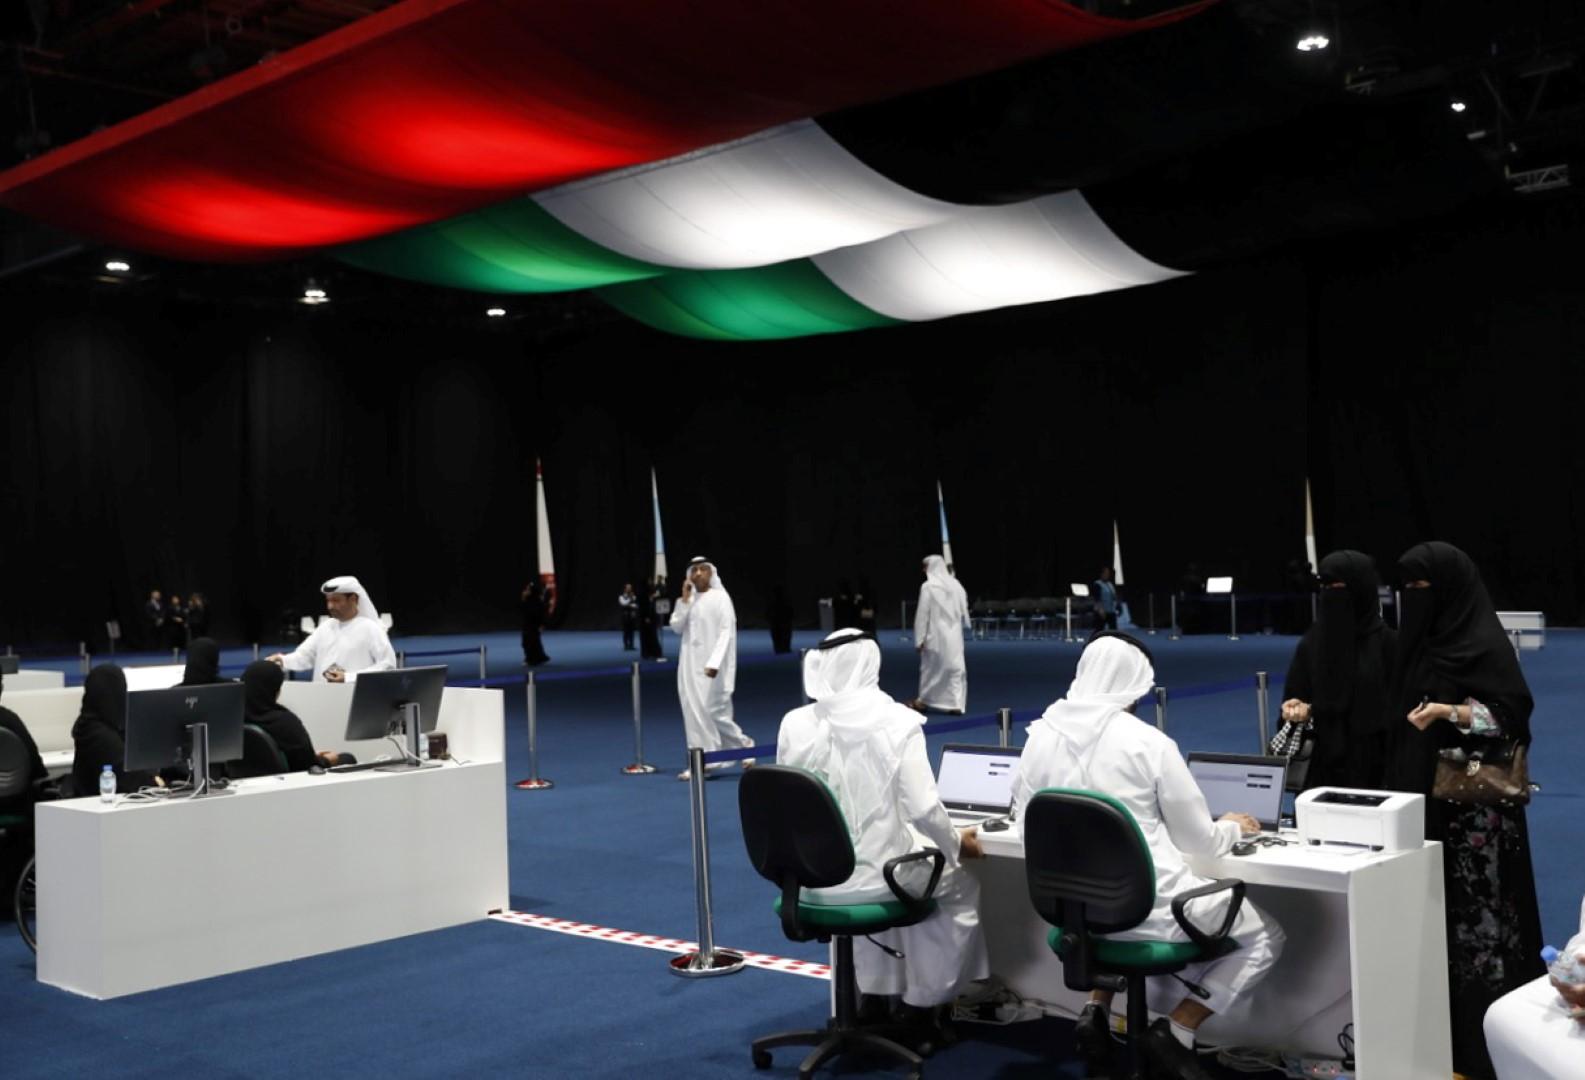 لجنة إمارة أبوظبي تشيد بتفاعل الناخبين خلال أيام التصويت المبكر